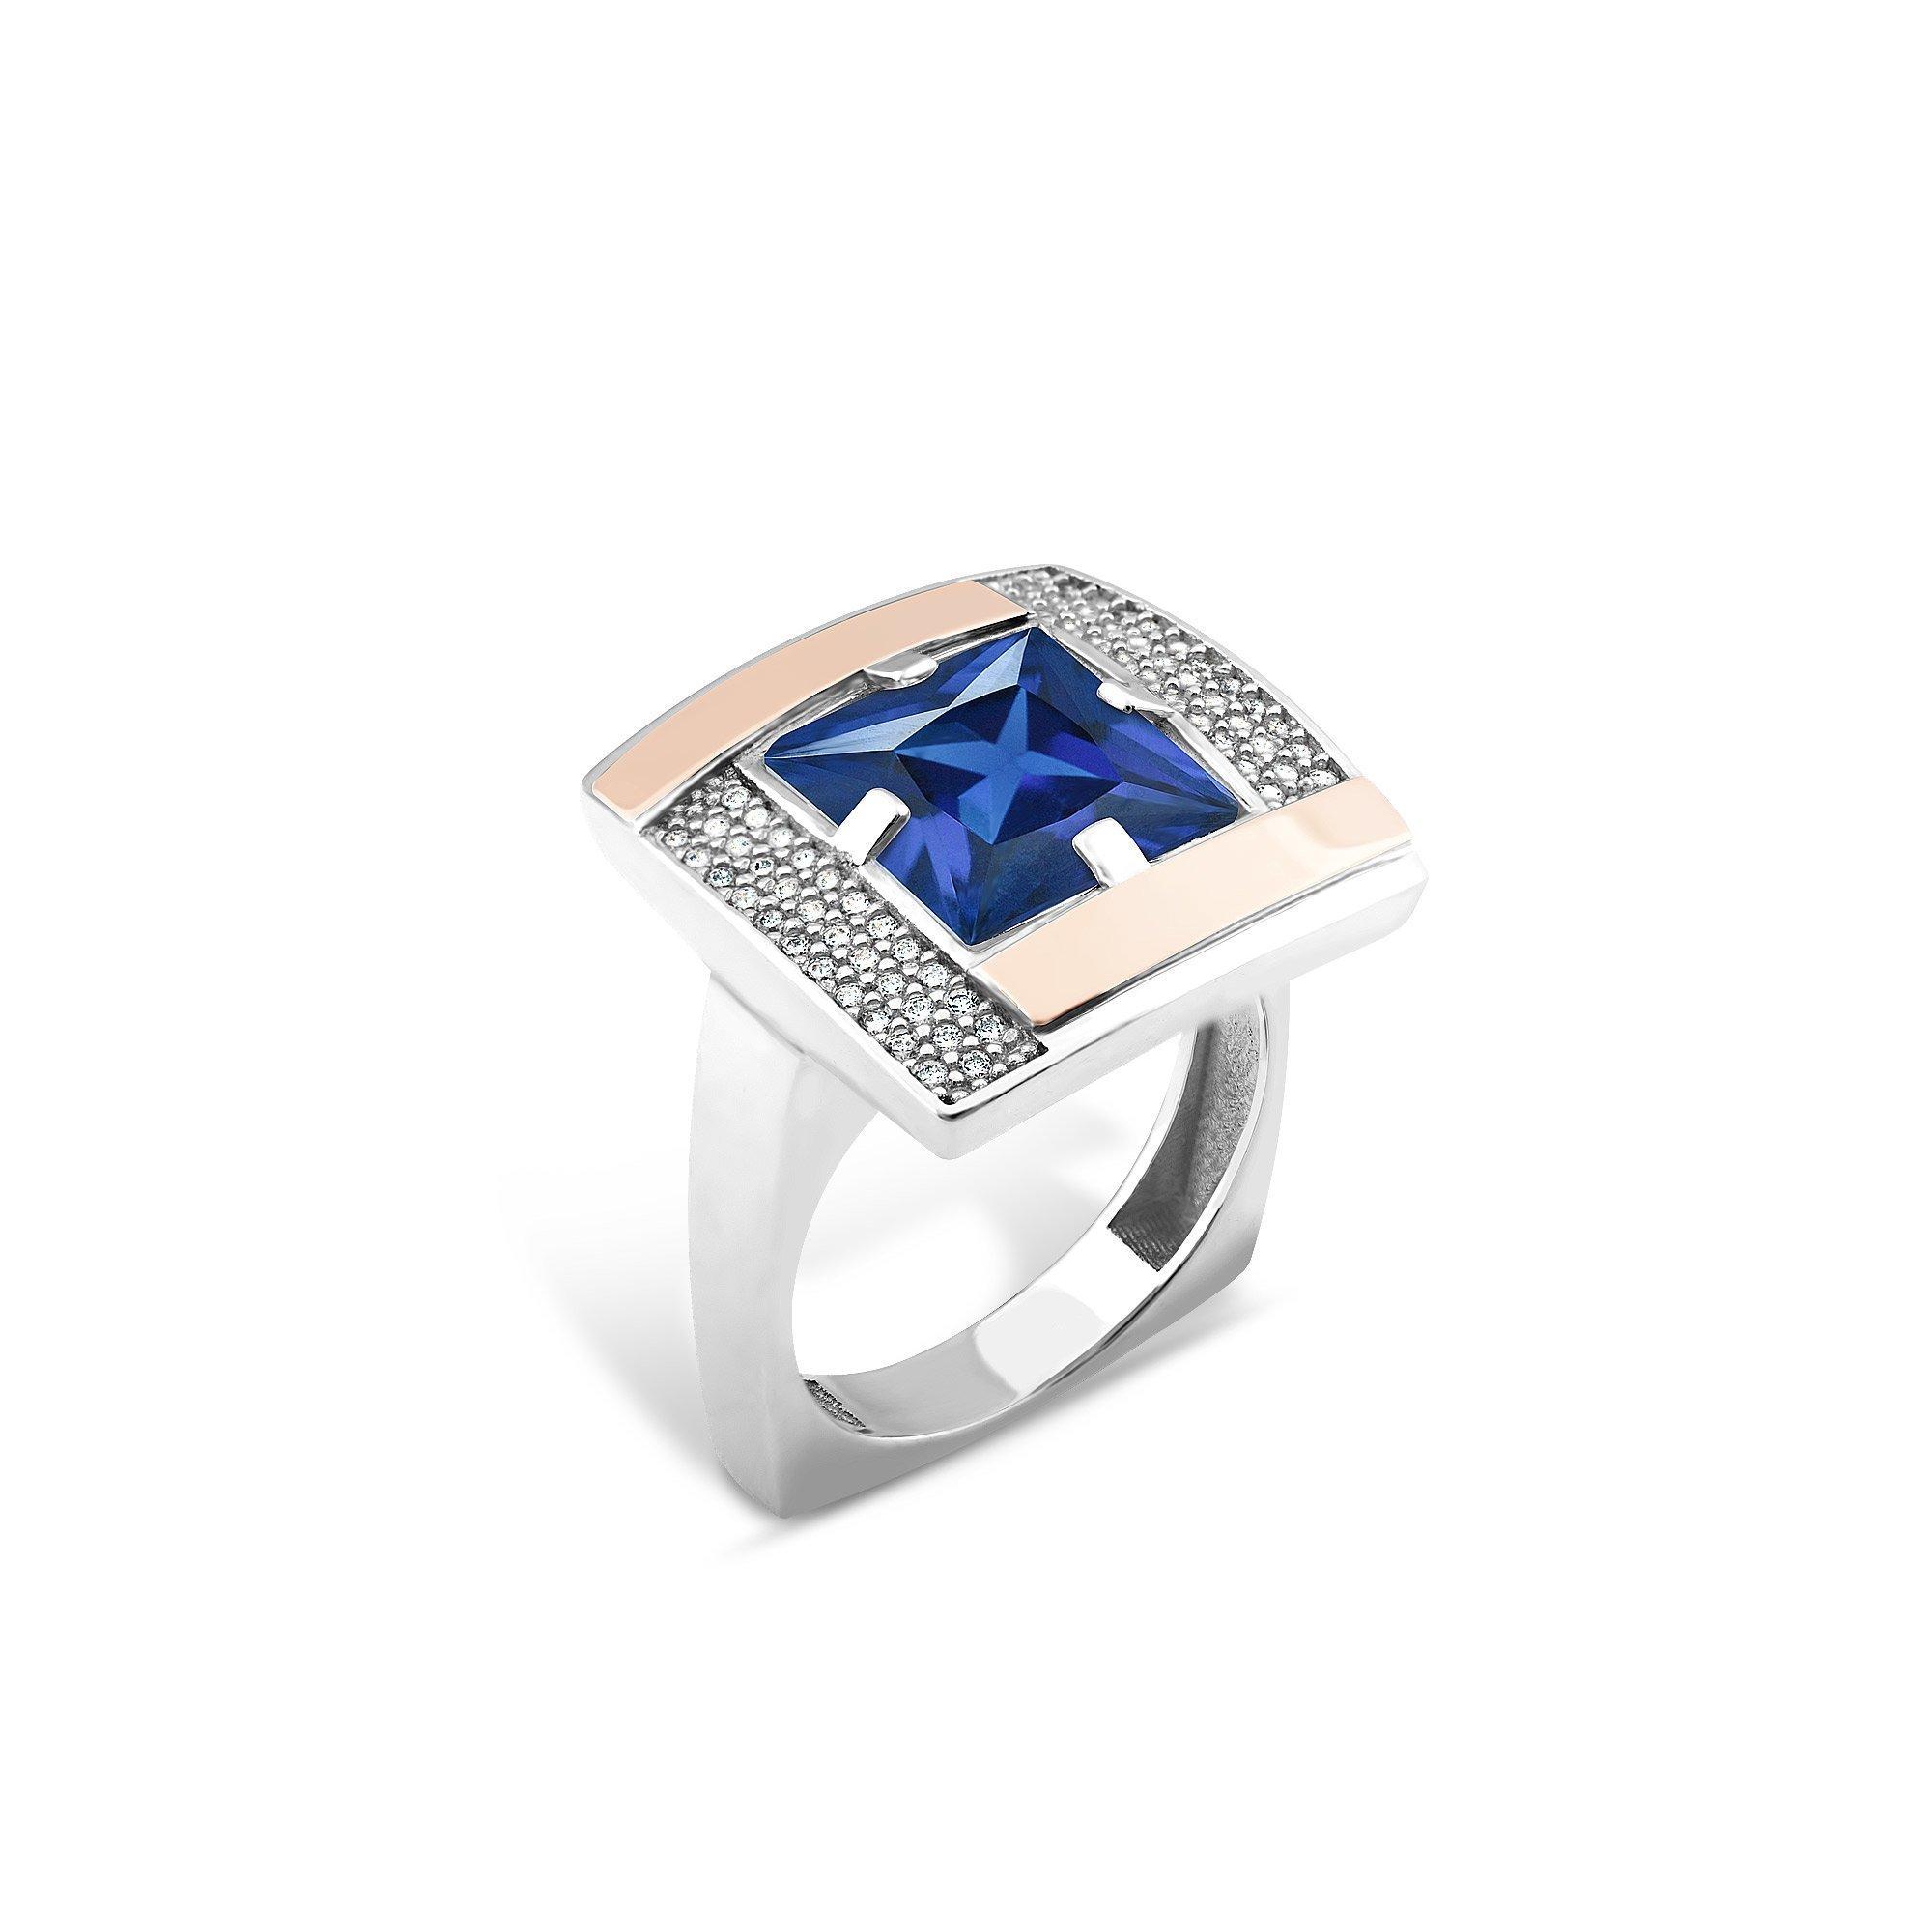 Серебряное кольцо Афина с золотыми накладками, синим альпинитом и белыми фианитами